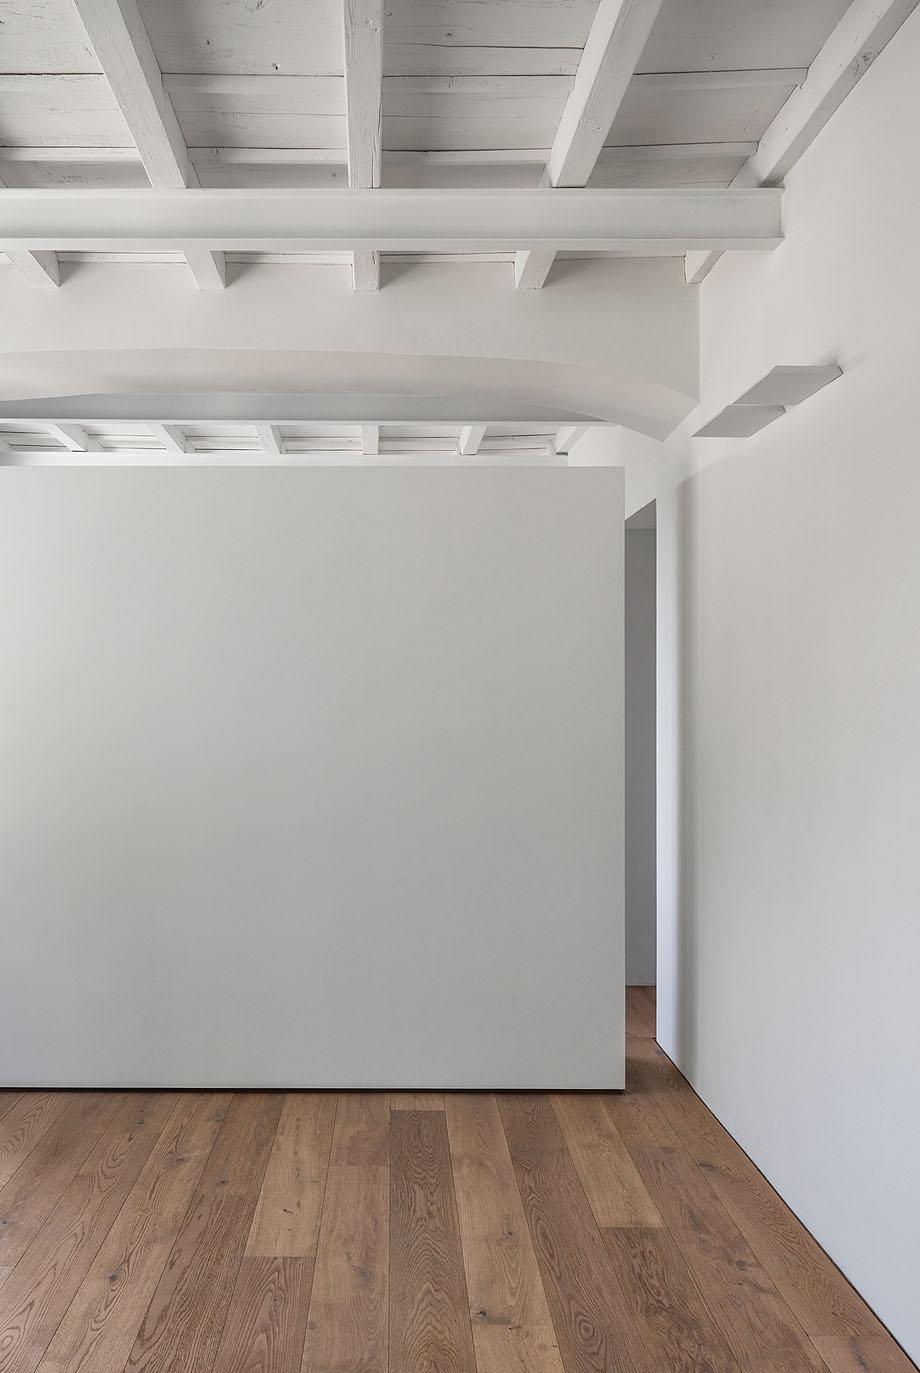 casa ag due architetti (4)